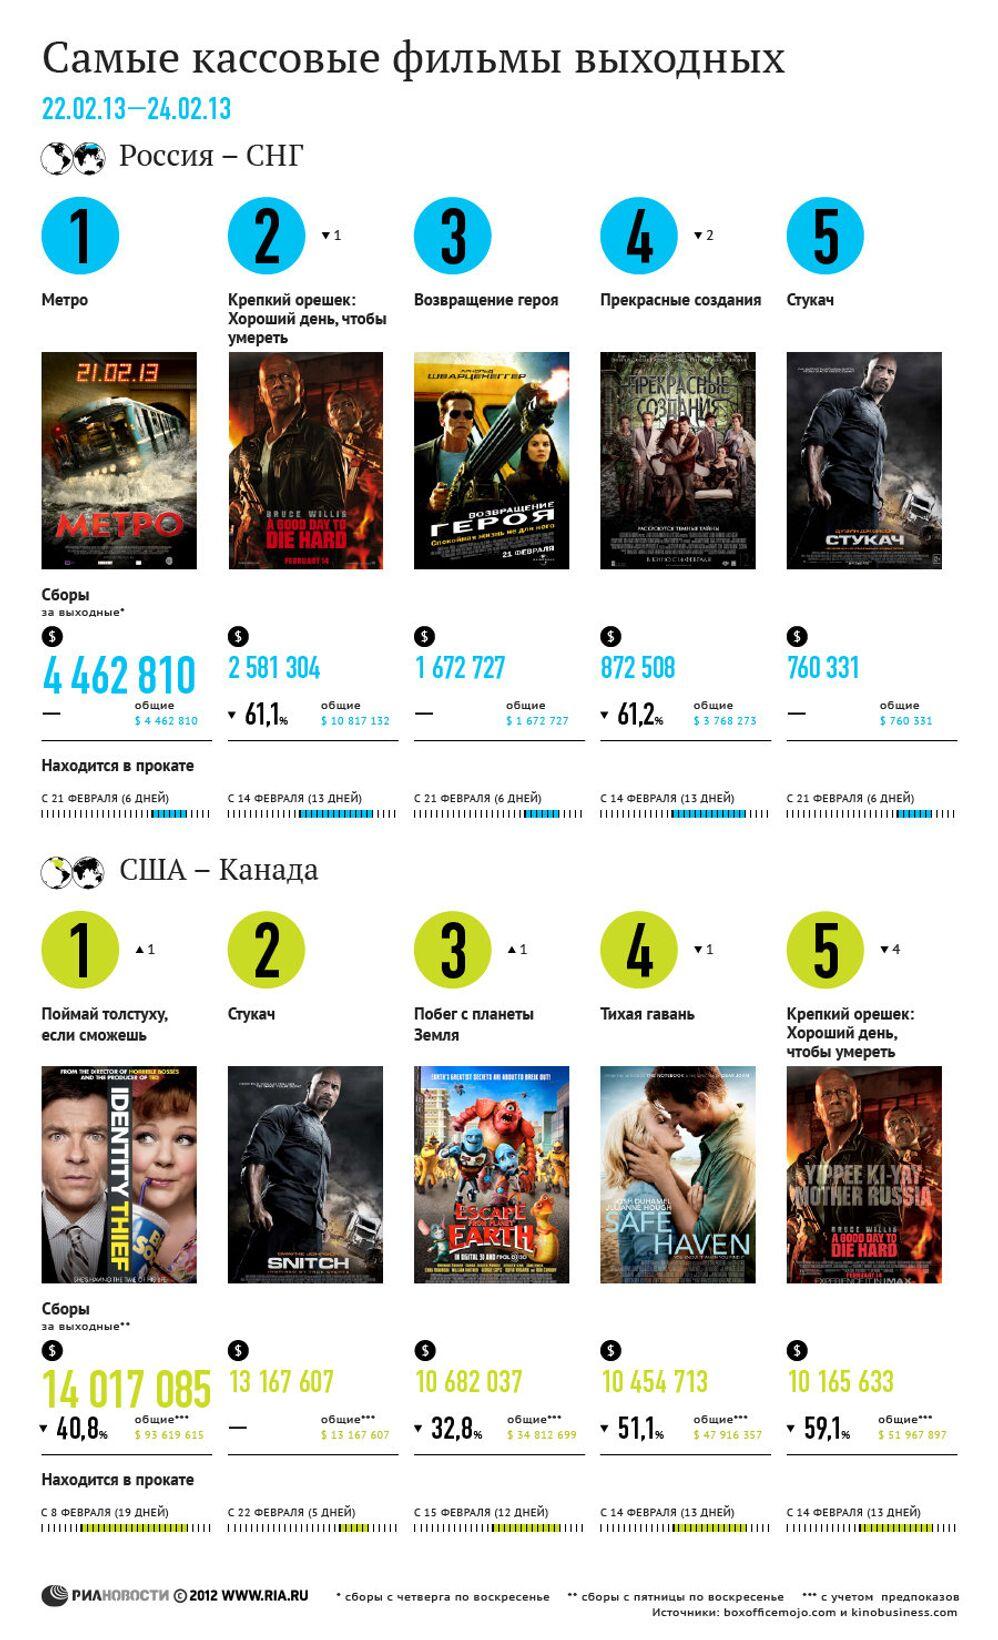 самые кассовые фильмы выходных 22 24 февраля риа новости